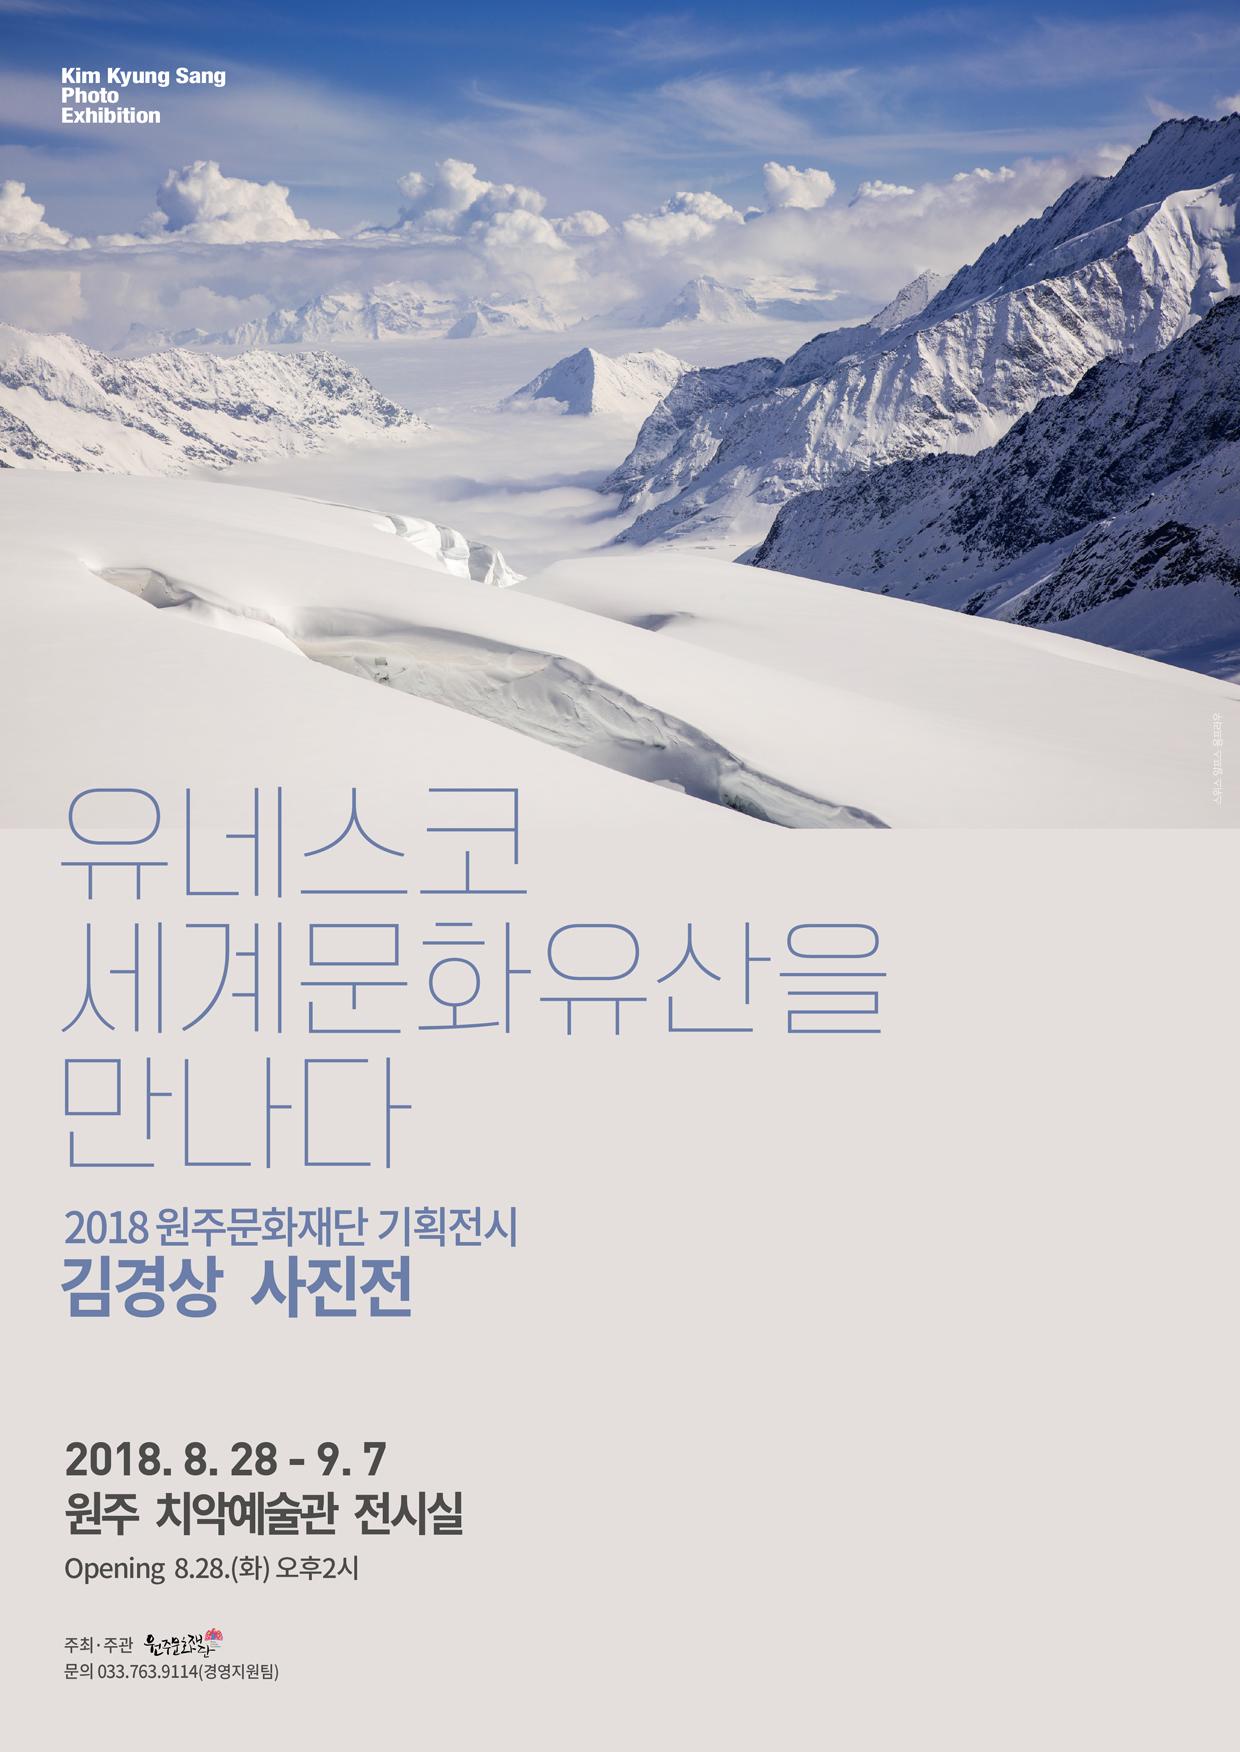 김경상사진전 <유네스코 세계문화유산을 만나다>